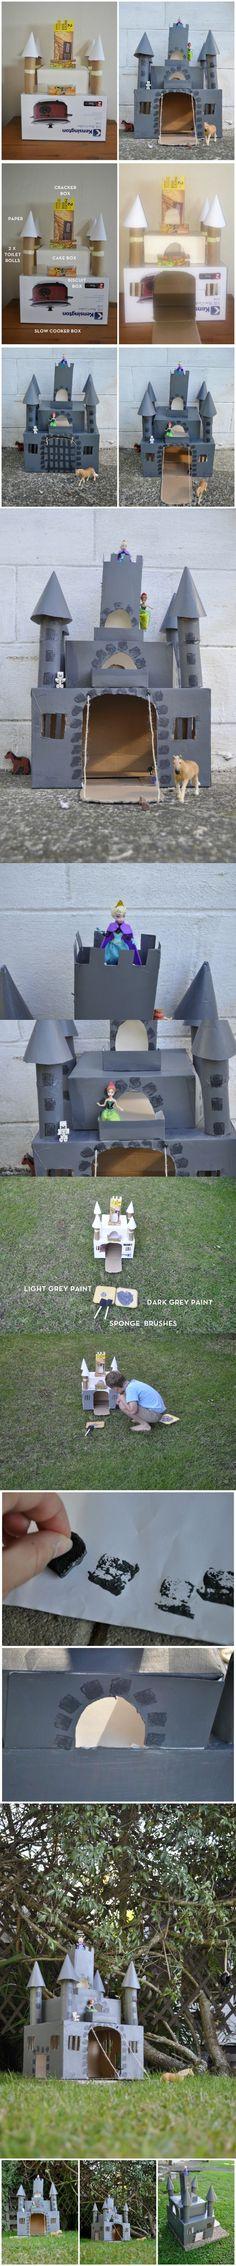 Divertido castillo de cartn para nios - Muy Ingenioso